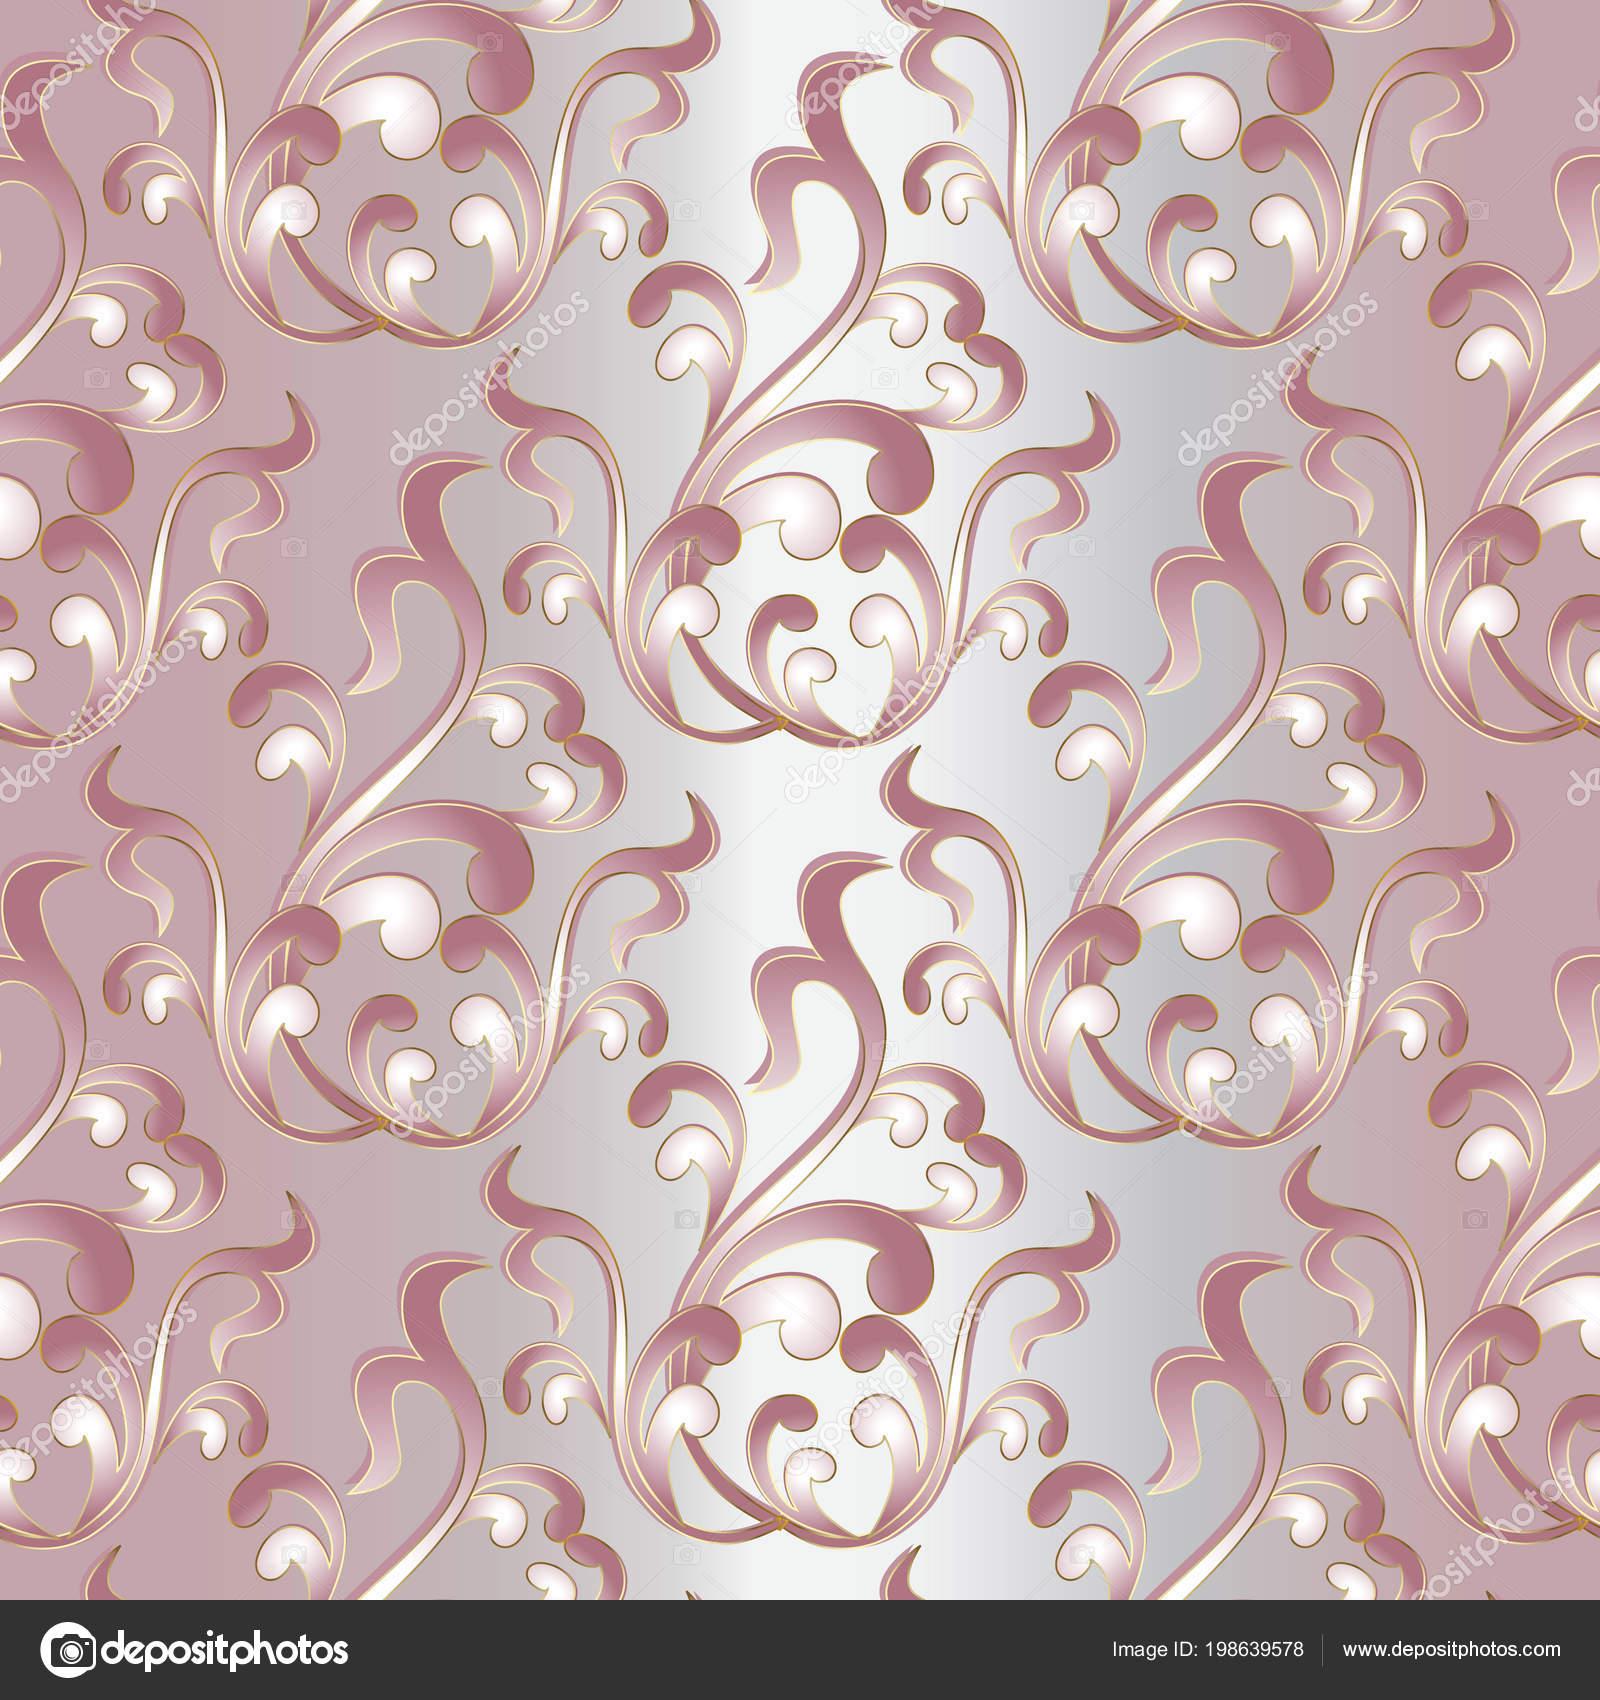 Baroque Damask Vintage Seamless Pattern Light Pink Floral Backg